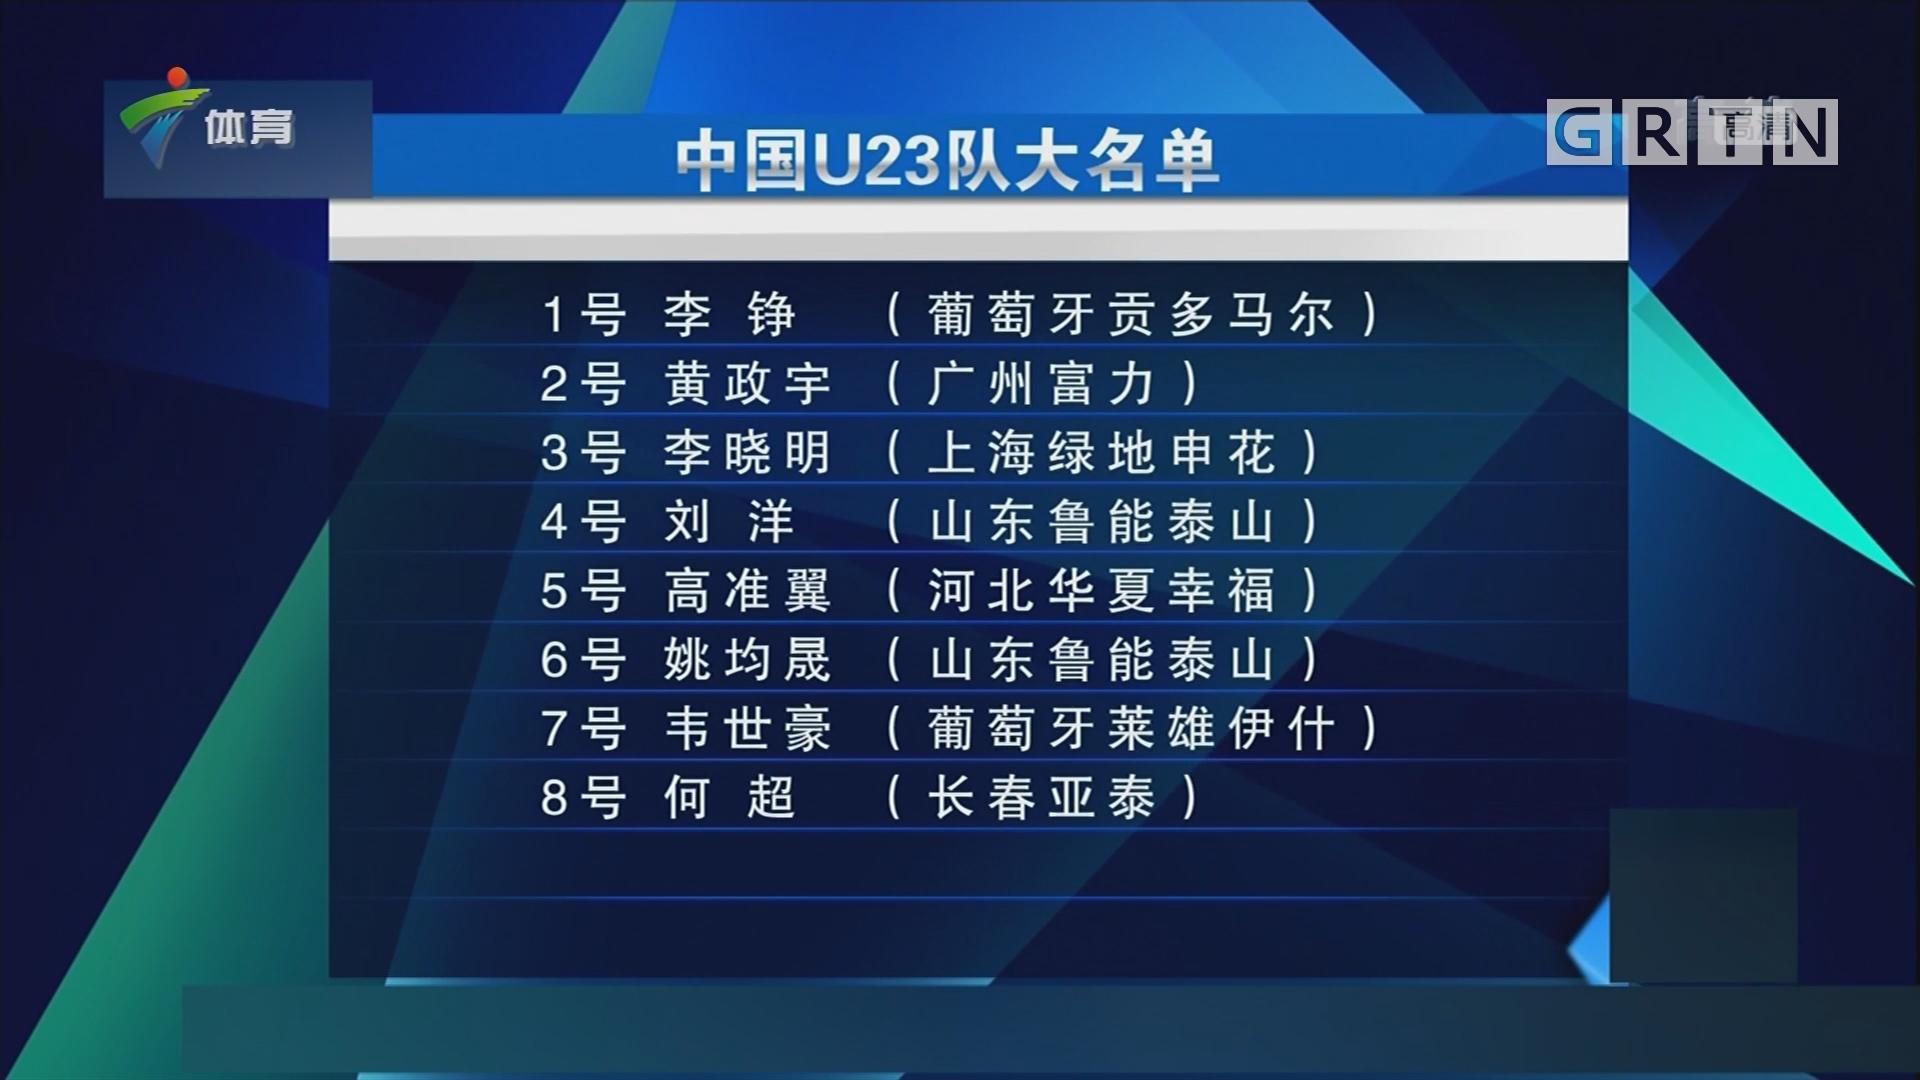 中国U23队小组赛赛程